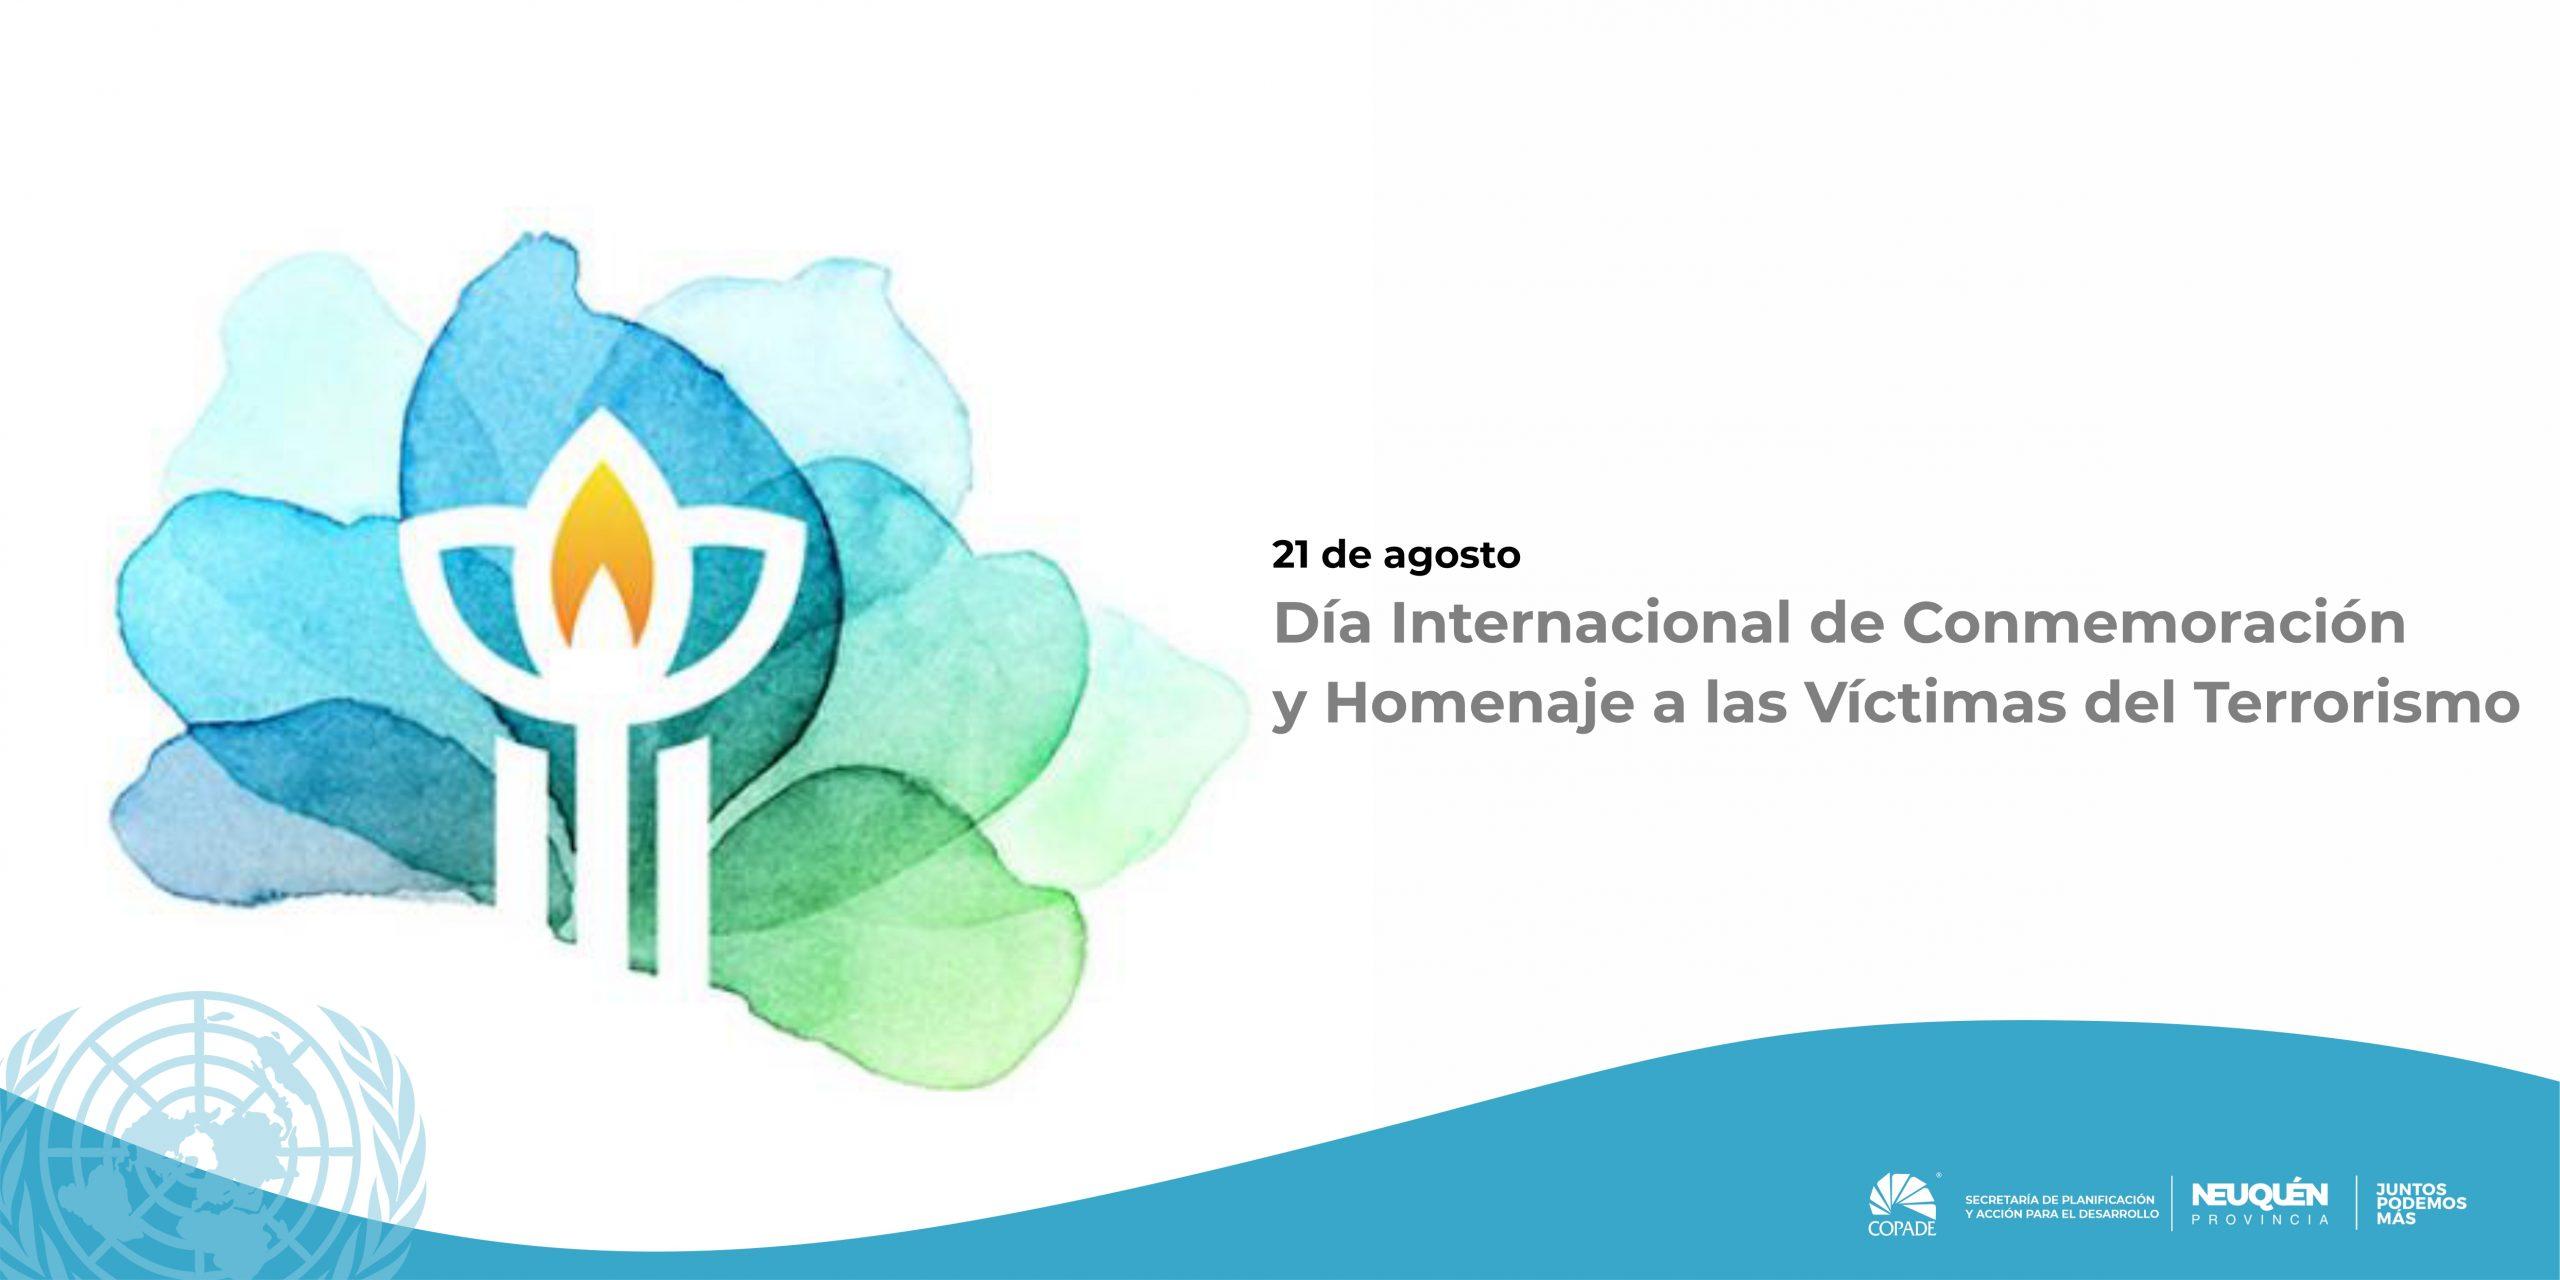 Día Internacional de Conmemoración y Homenaje de las Víctimas de Terrorismo.